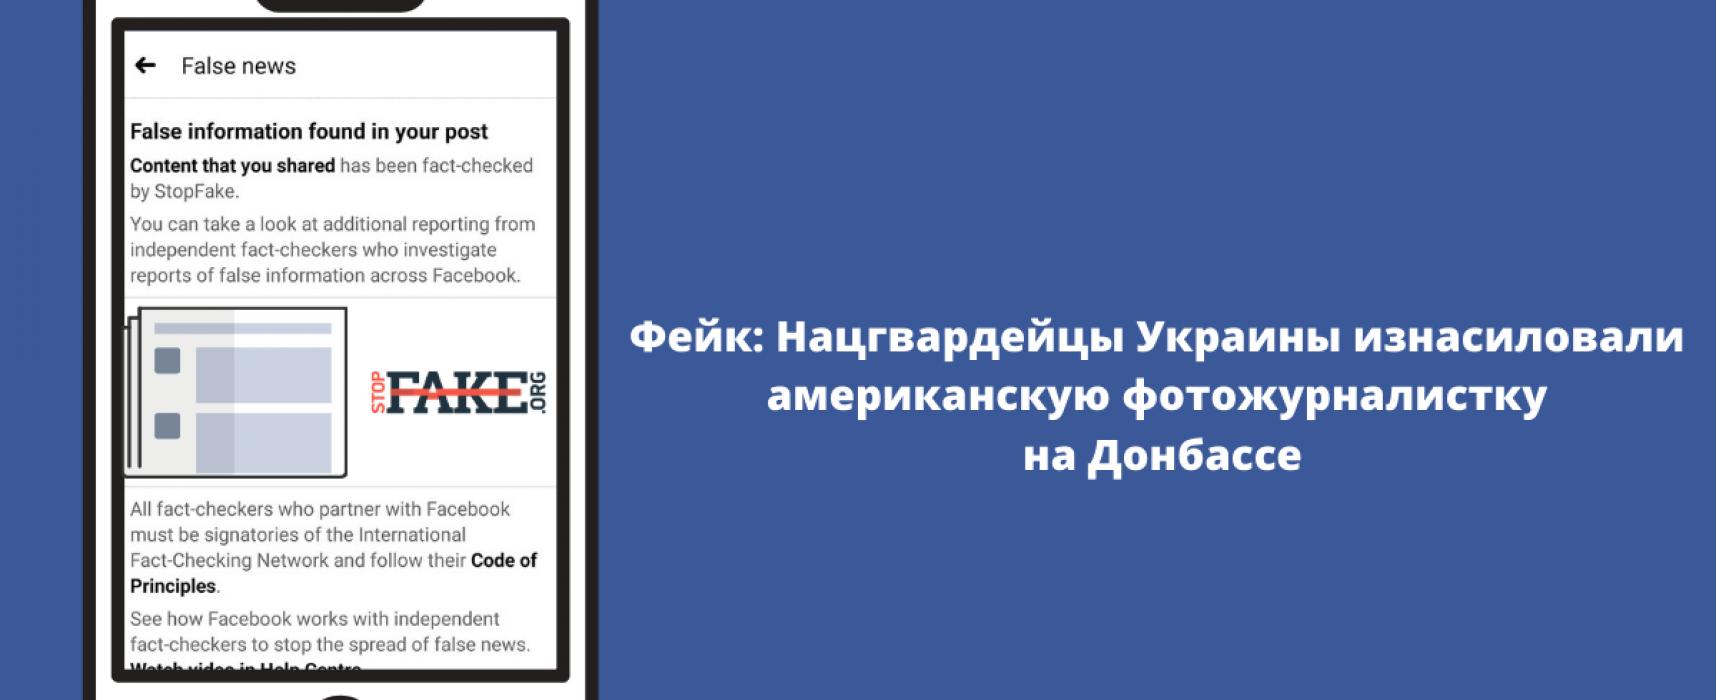 Фейк: Нацгвардейцы Украины изнасиловали американскую фотожурналистку на Донбассе